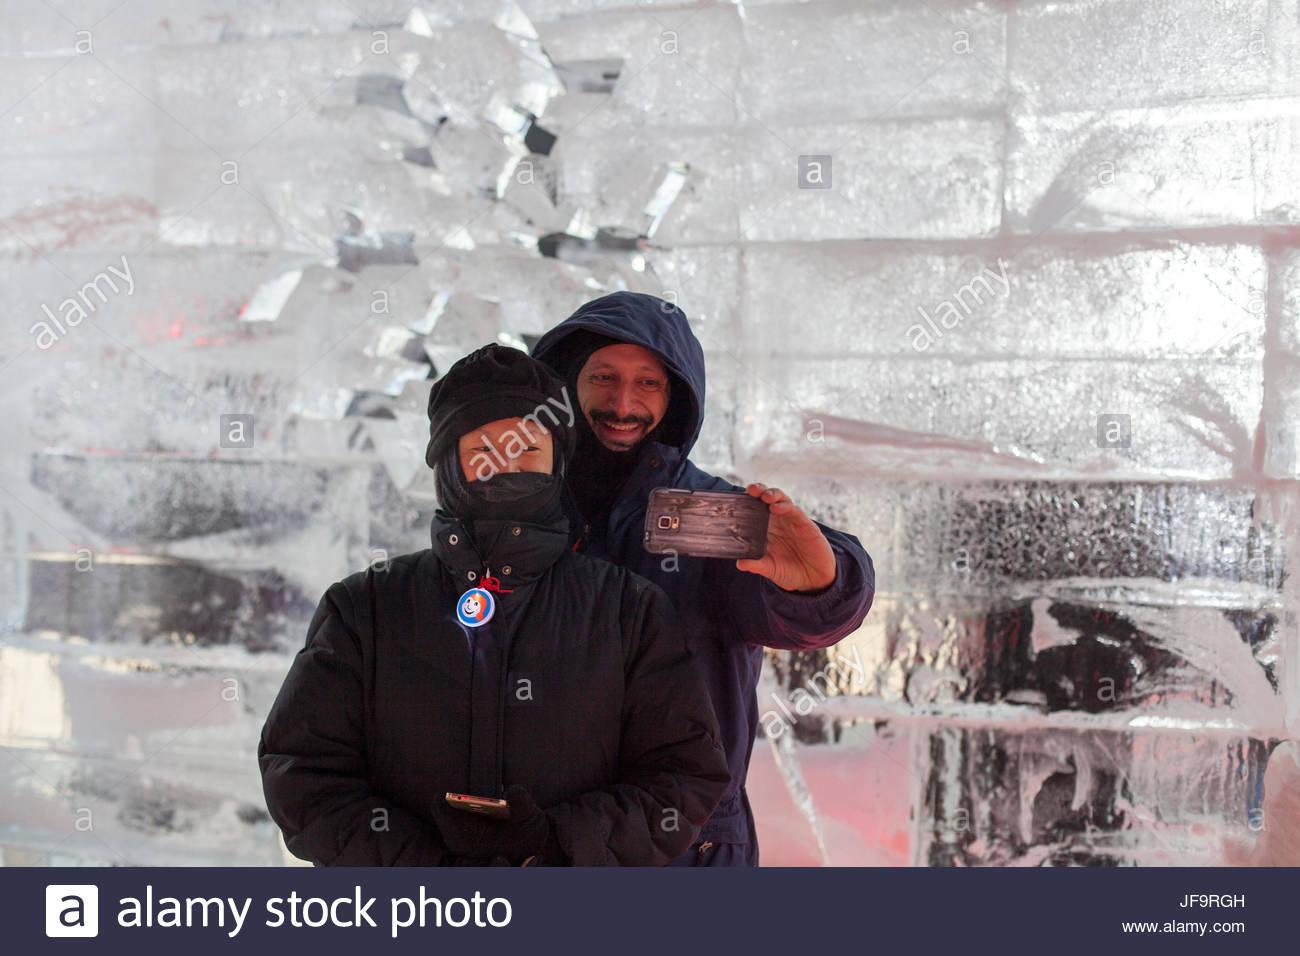 Ein verheiratetes Paar nehmen ein Foto von sich an ein Modell des Eishotels in Québec (Stadt), während Stockbild